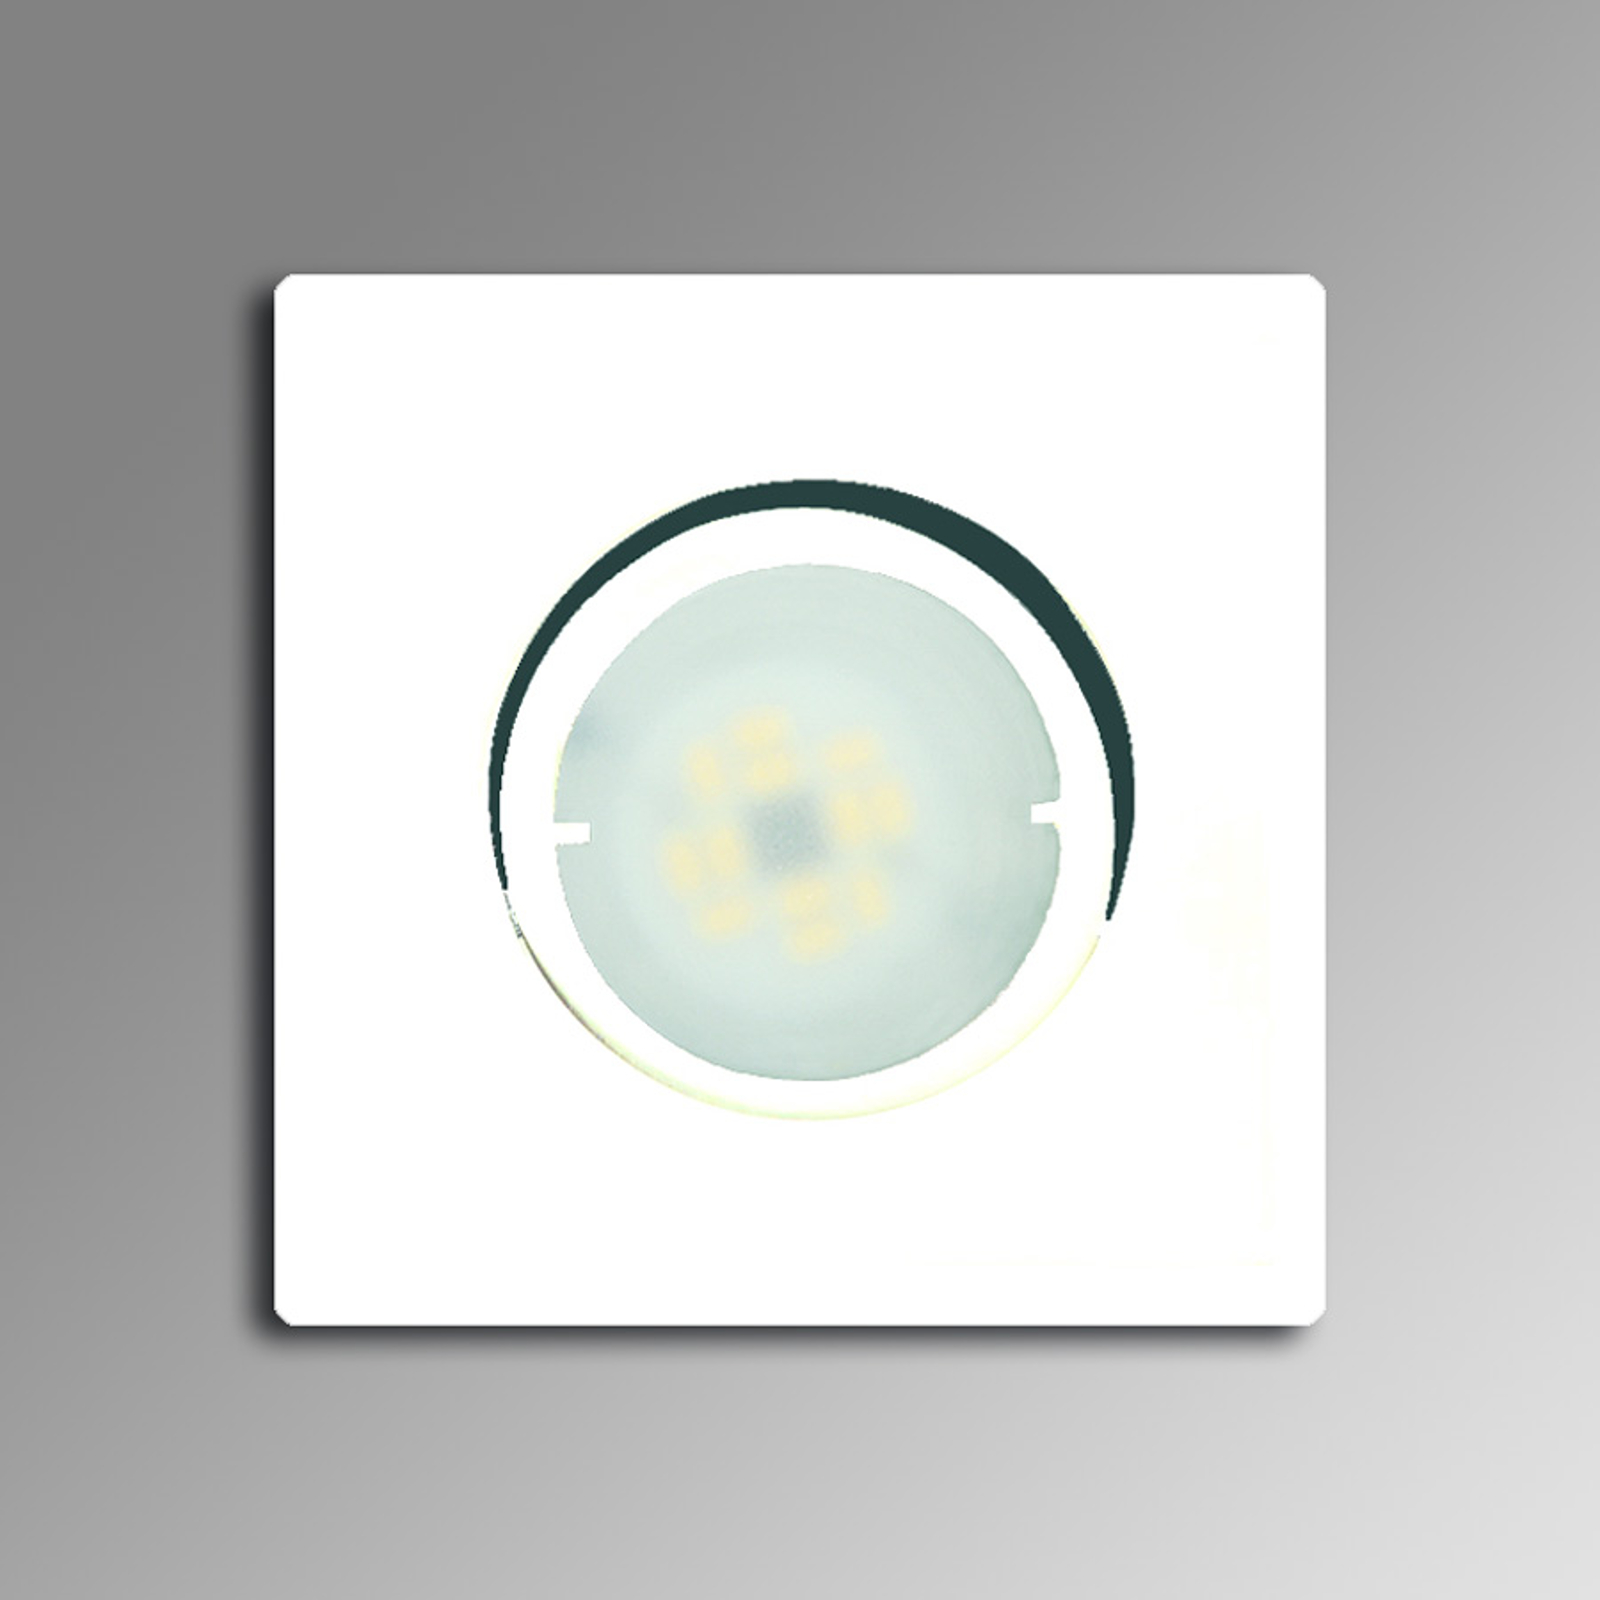 Weiße LED-Einbauleuchte Joanie, schwenkbar